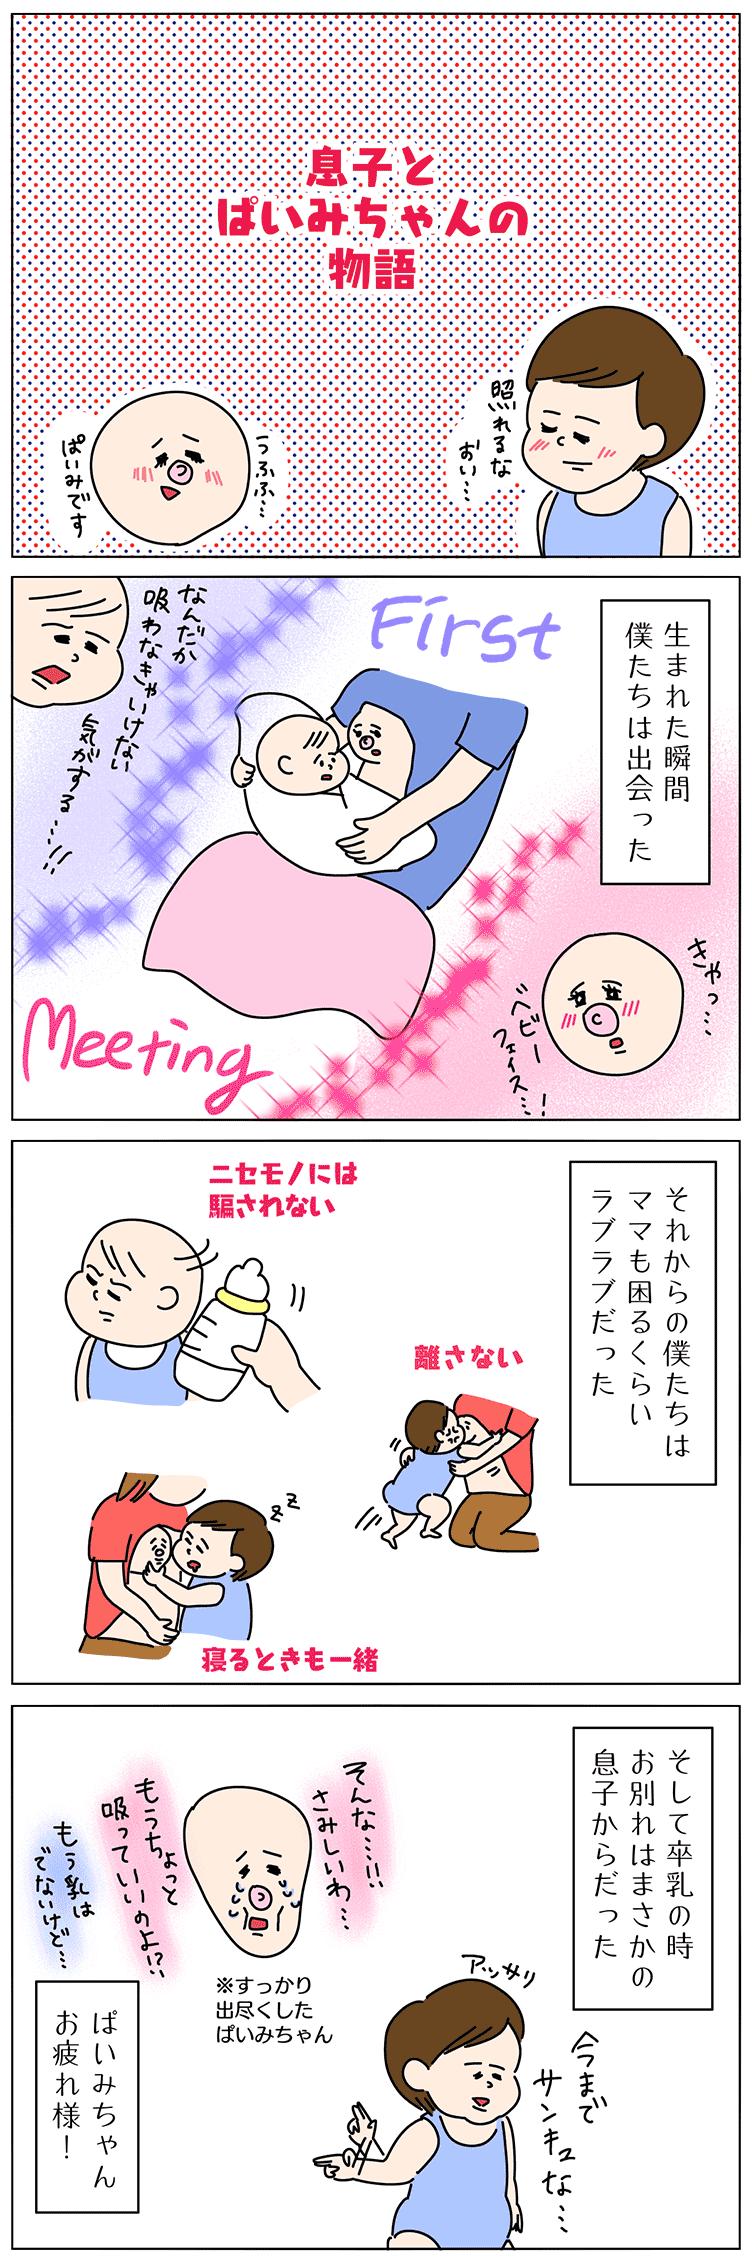 卒乳はいつ?の子育て4コマ漫画